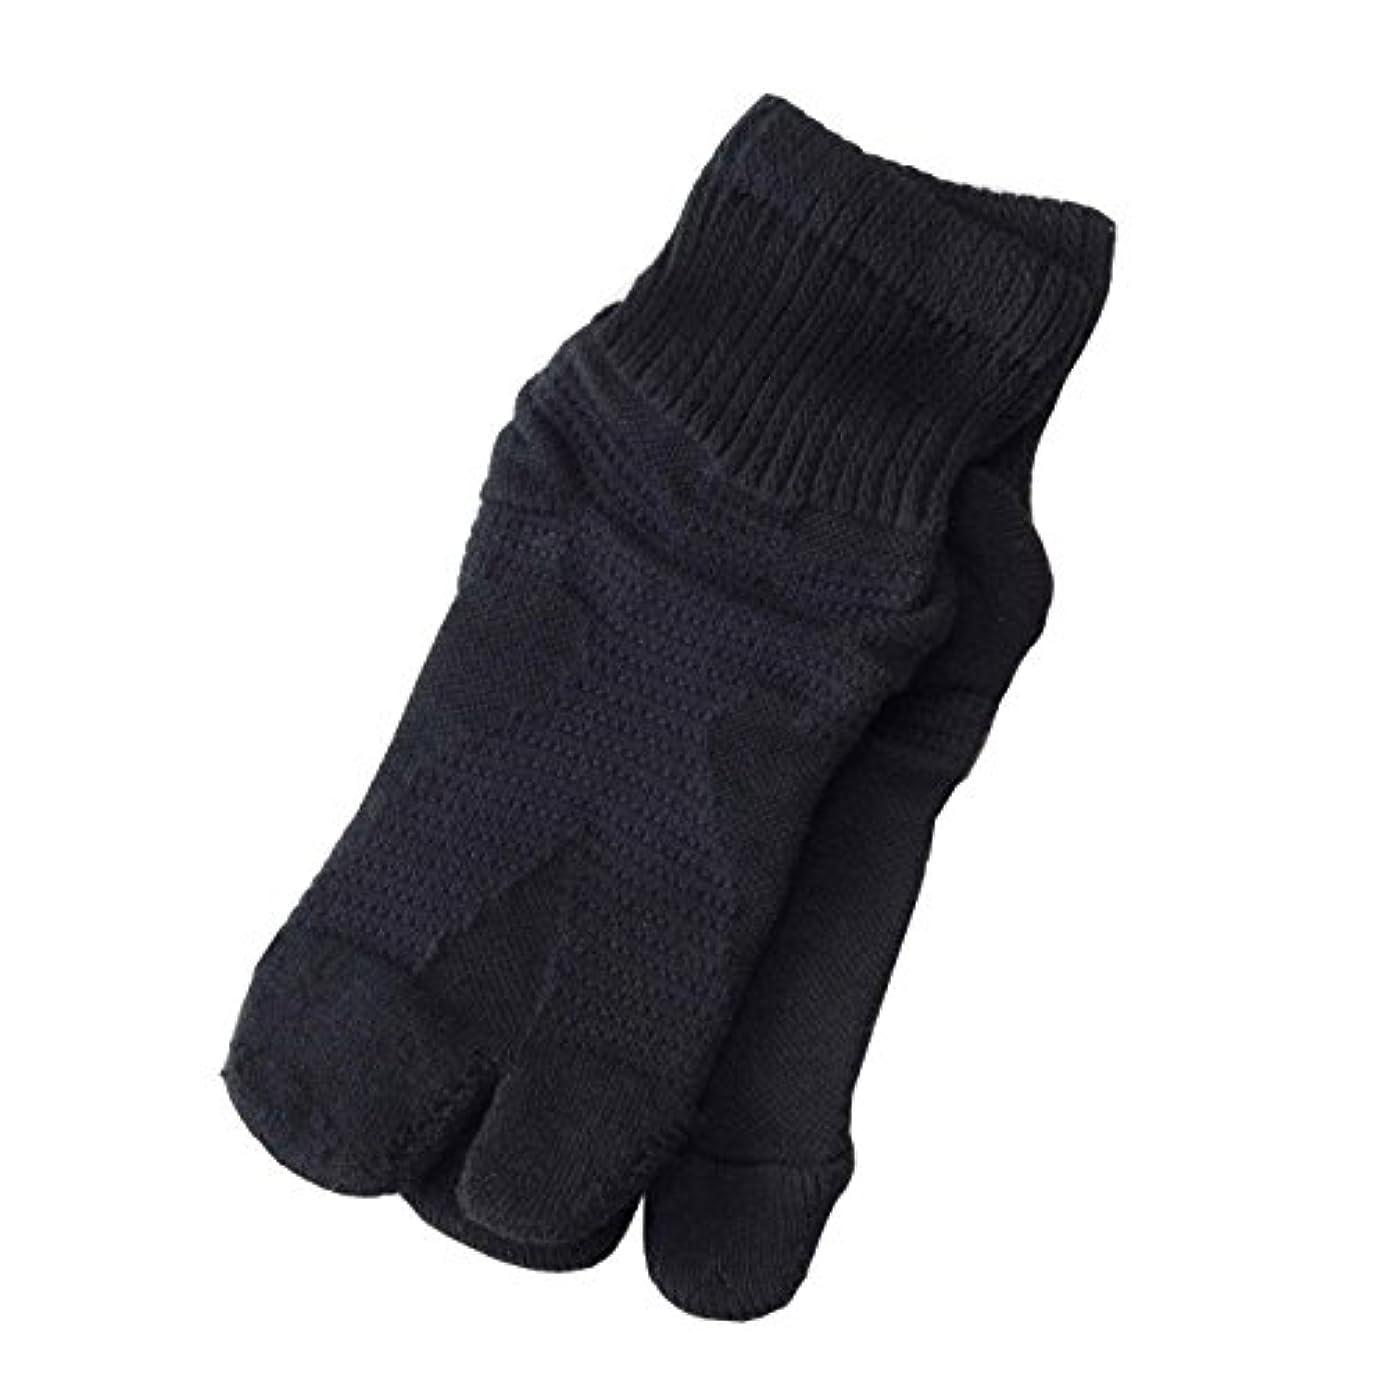 幾分直面する温度計【日本製】歩行サポート足袋ソックス (ブラック, 23~25cm)